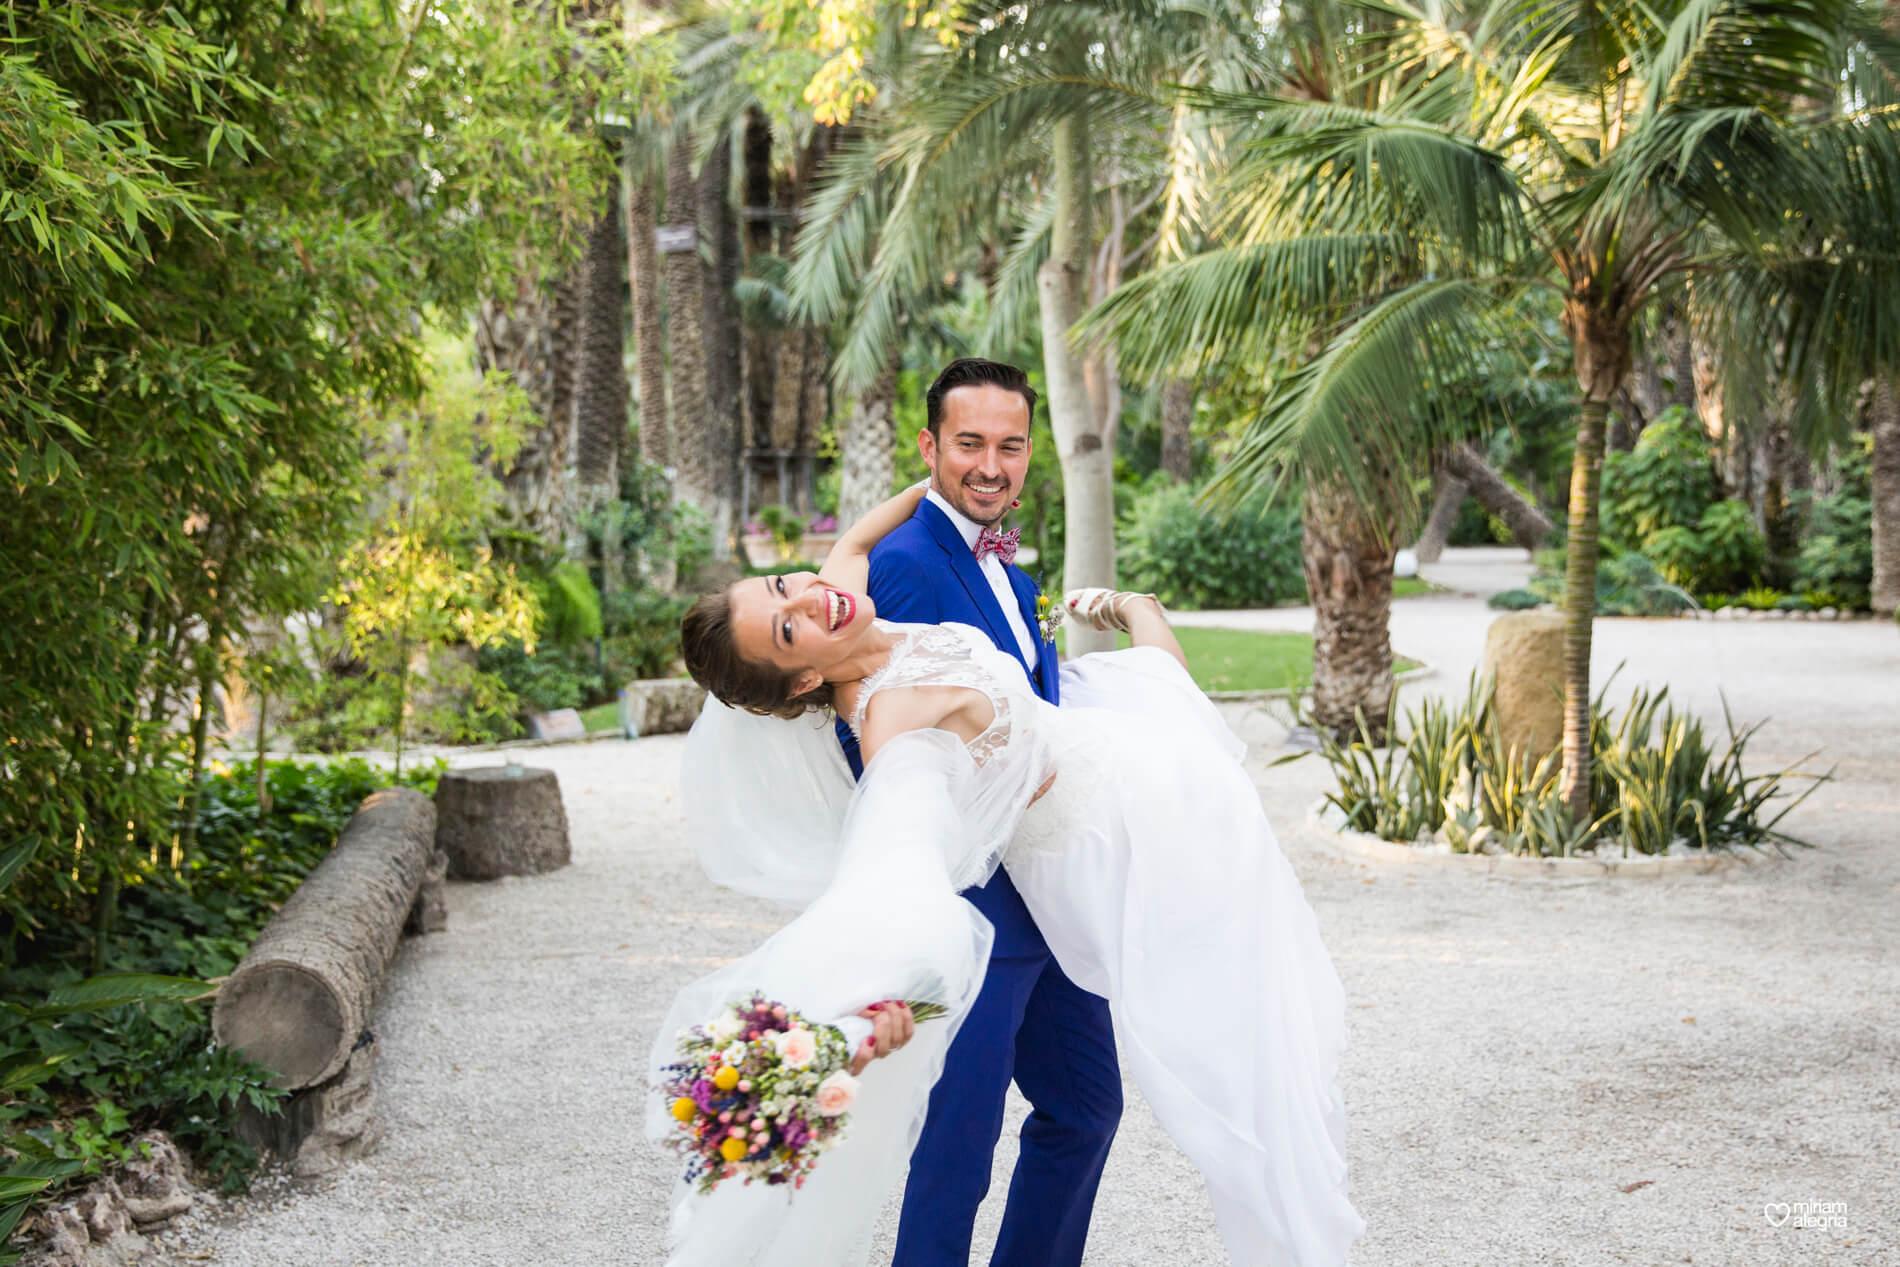 wedding-huerto-del-cura-elche-miriam-alegria-fotografos-boda-46